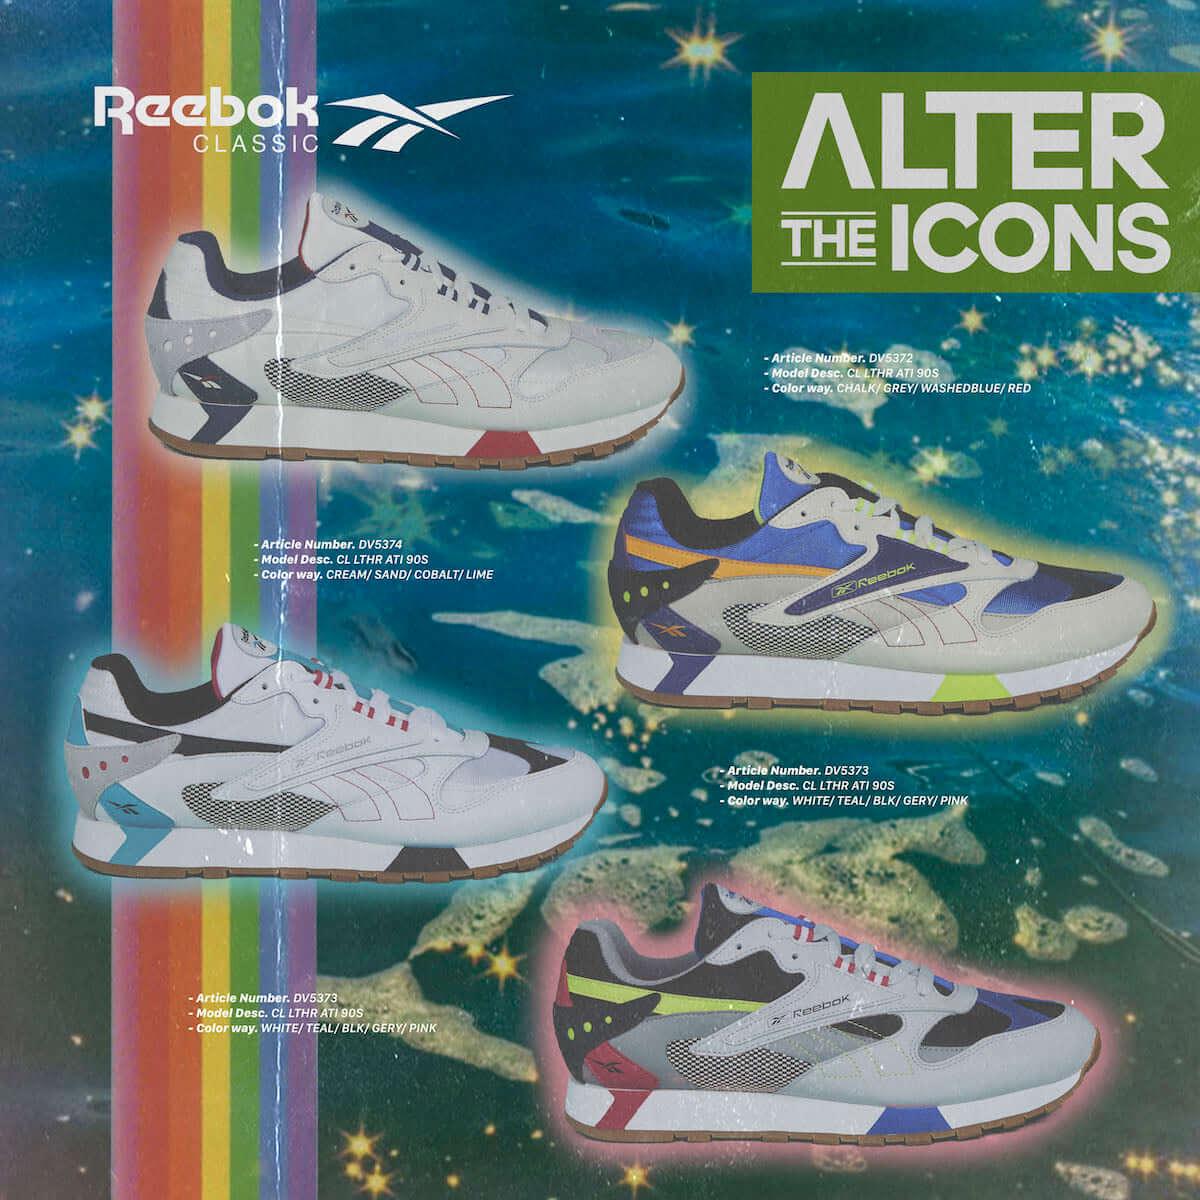 Reebok CLASSIC、80年代モデル×トレンドの90年代をミックスした新シリーズ「ALTER THE ICONS」が発売! Li190201_reebok4-1200x1200